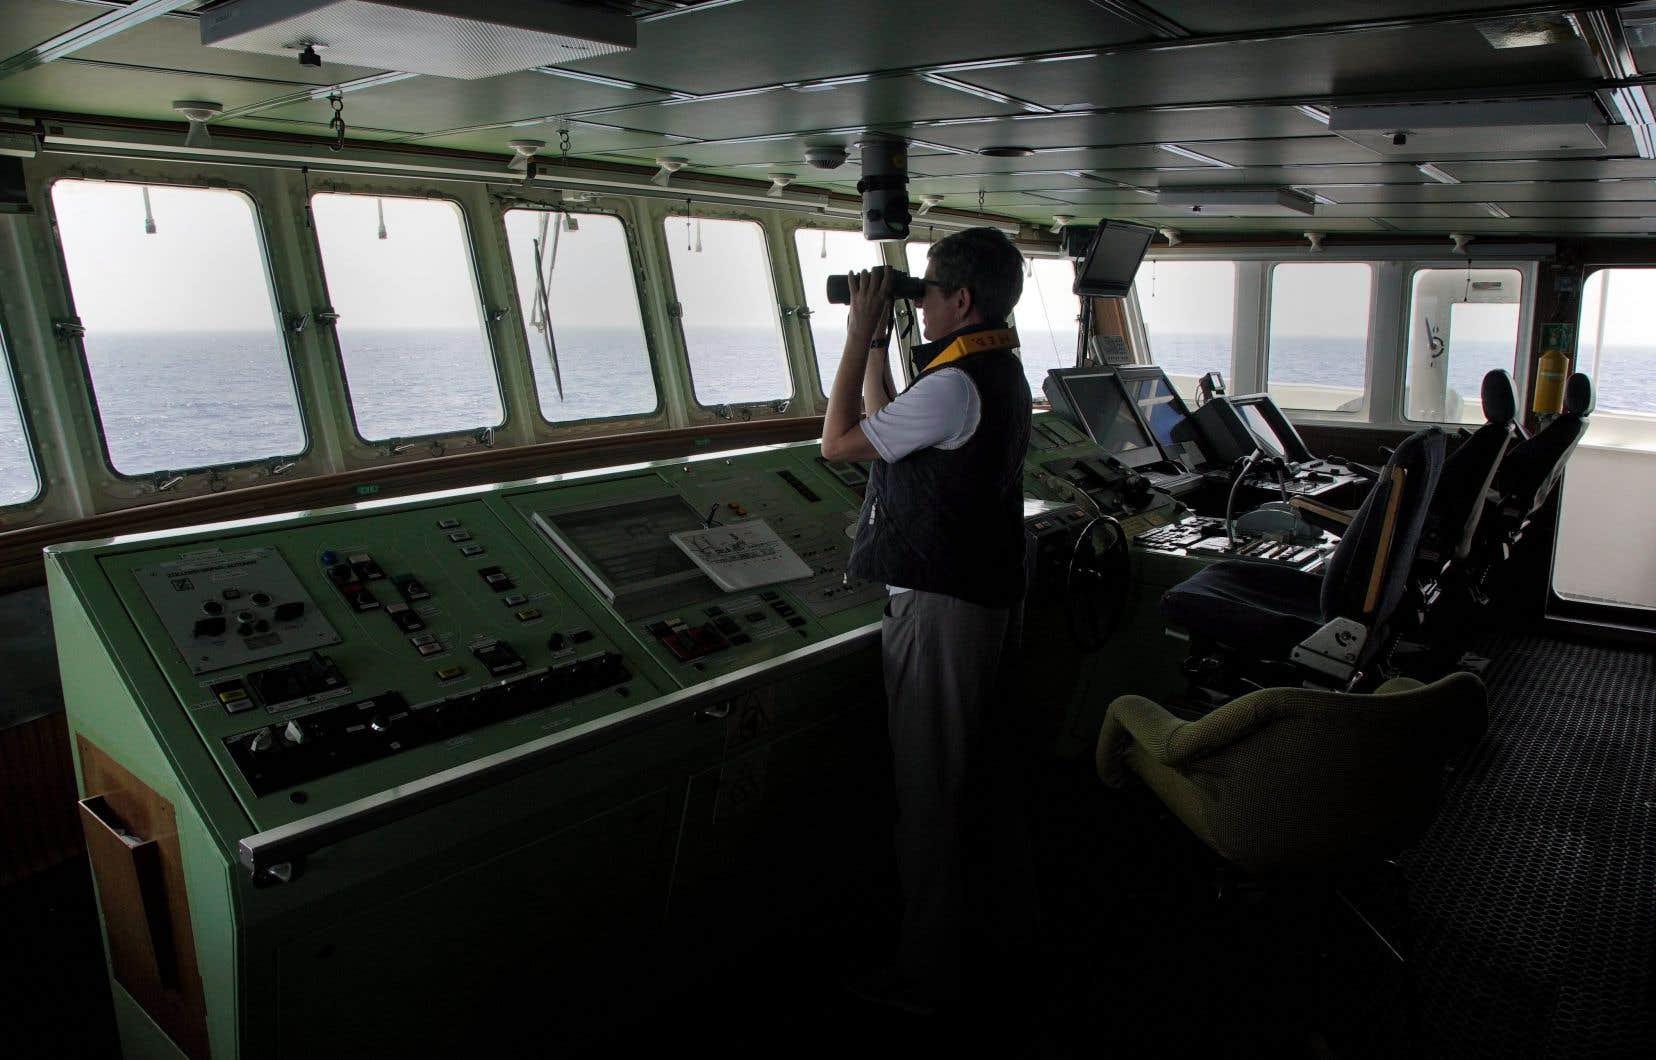 MSF a mis fin au partenariat qui liait depuis 4ans les deux associations et qui a permis de sauver 30000 personnes en Méditerranée. Sur la photo, le navire «Aquarius»